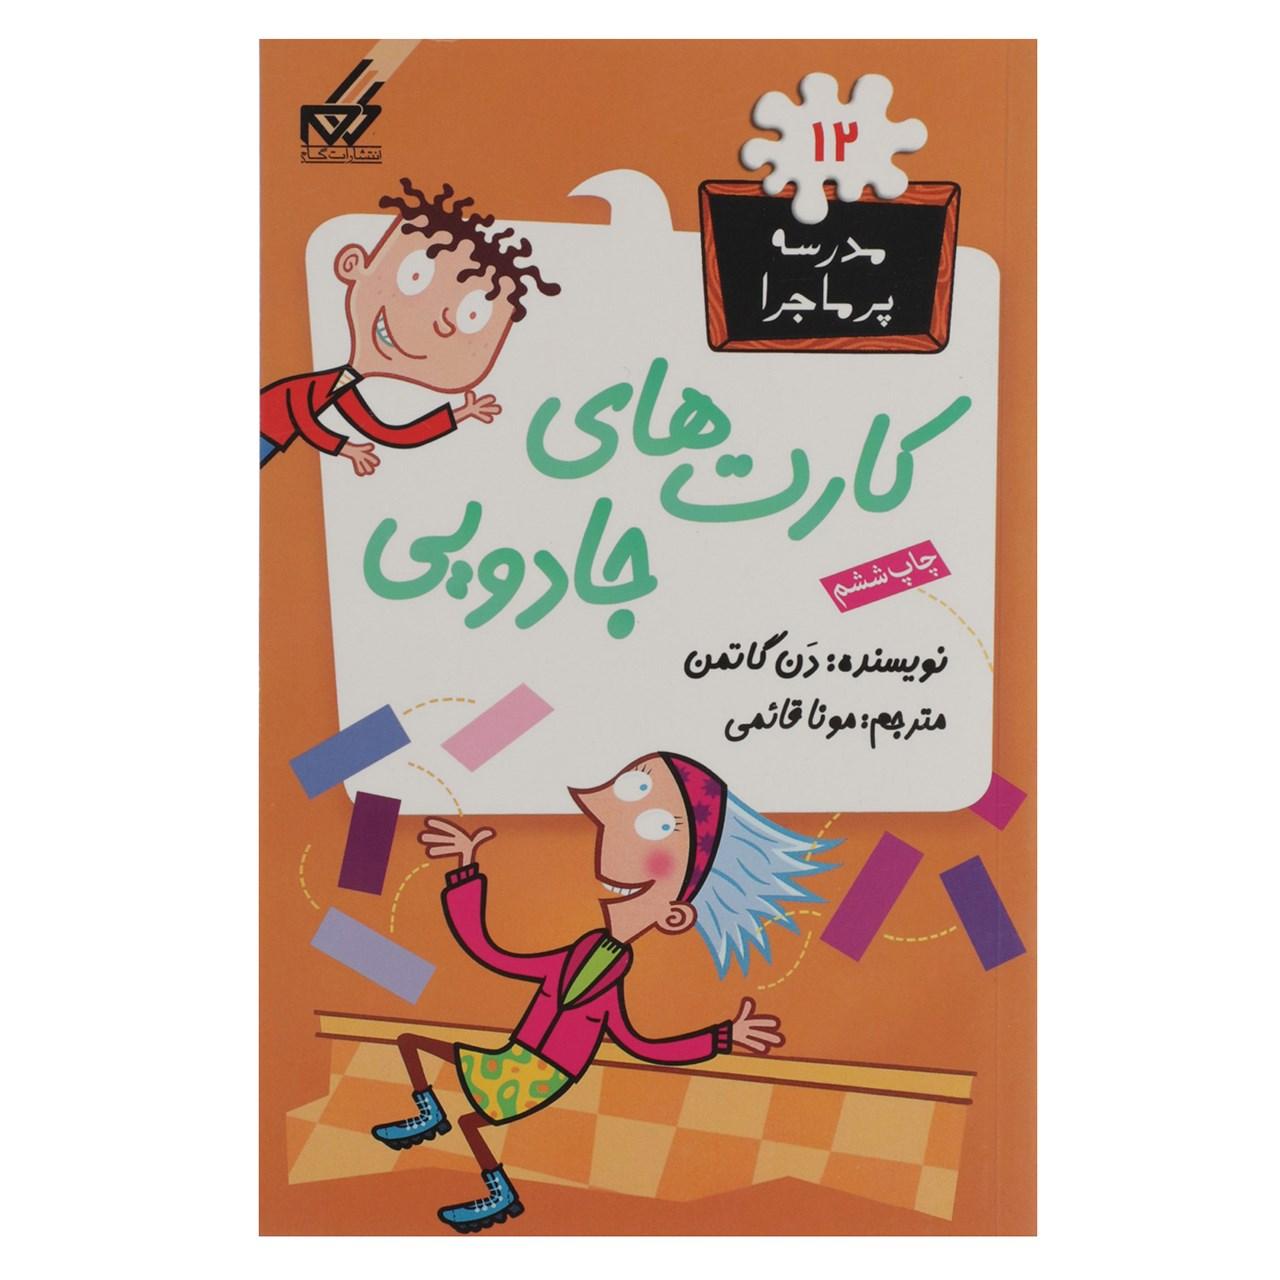 کتاب مدرسه پر ماجرا 12 کارت های جادویی اثر دن گاتمن